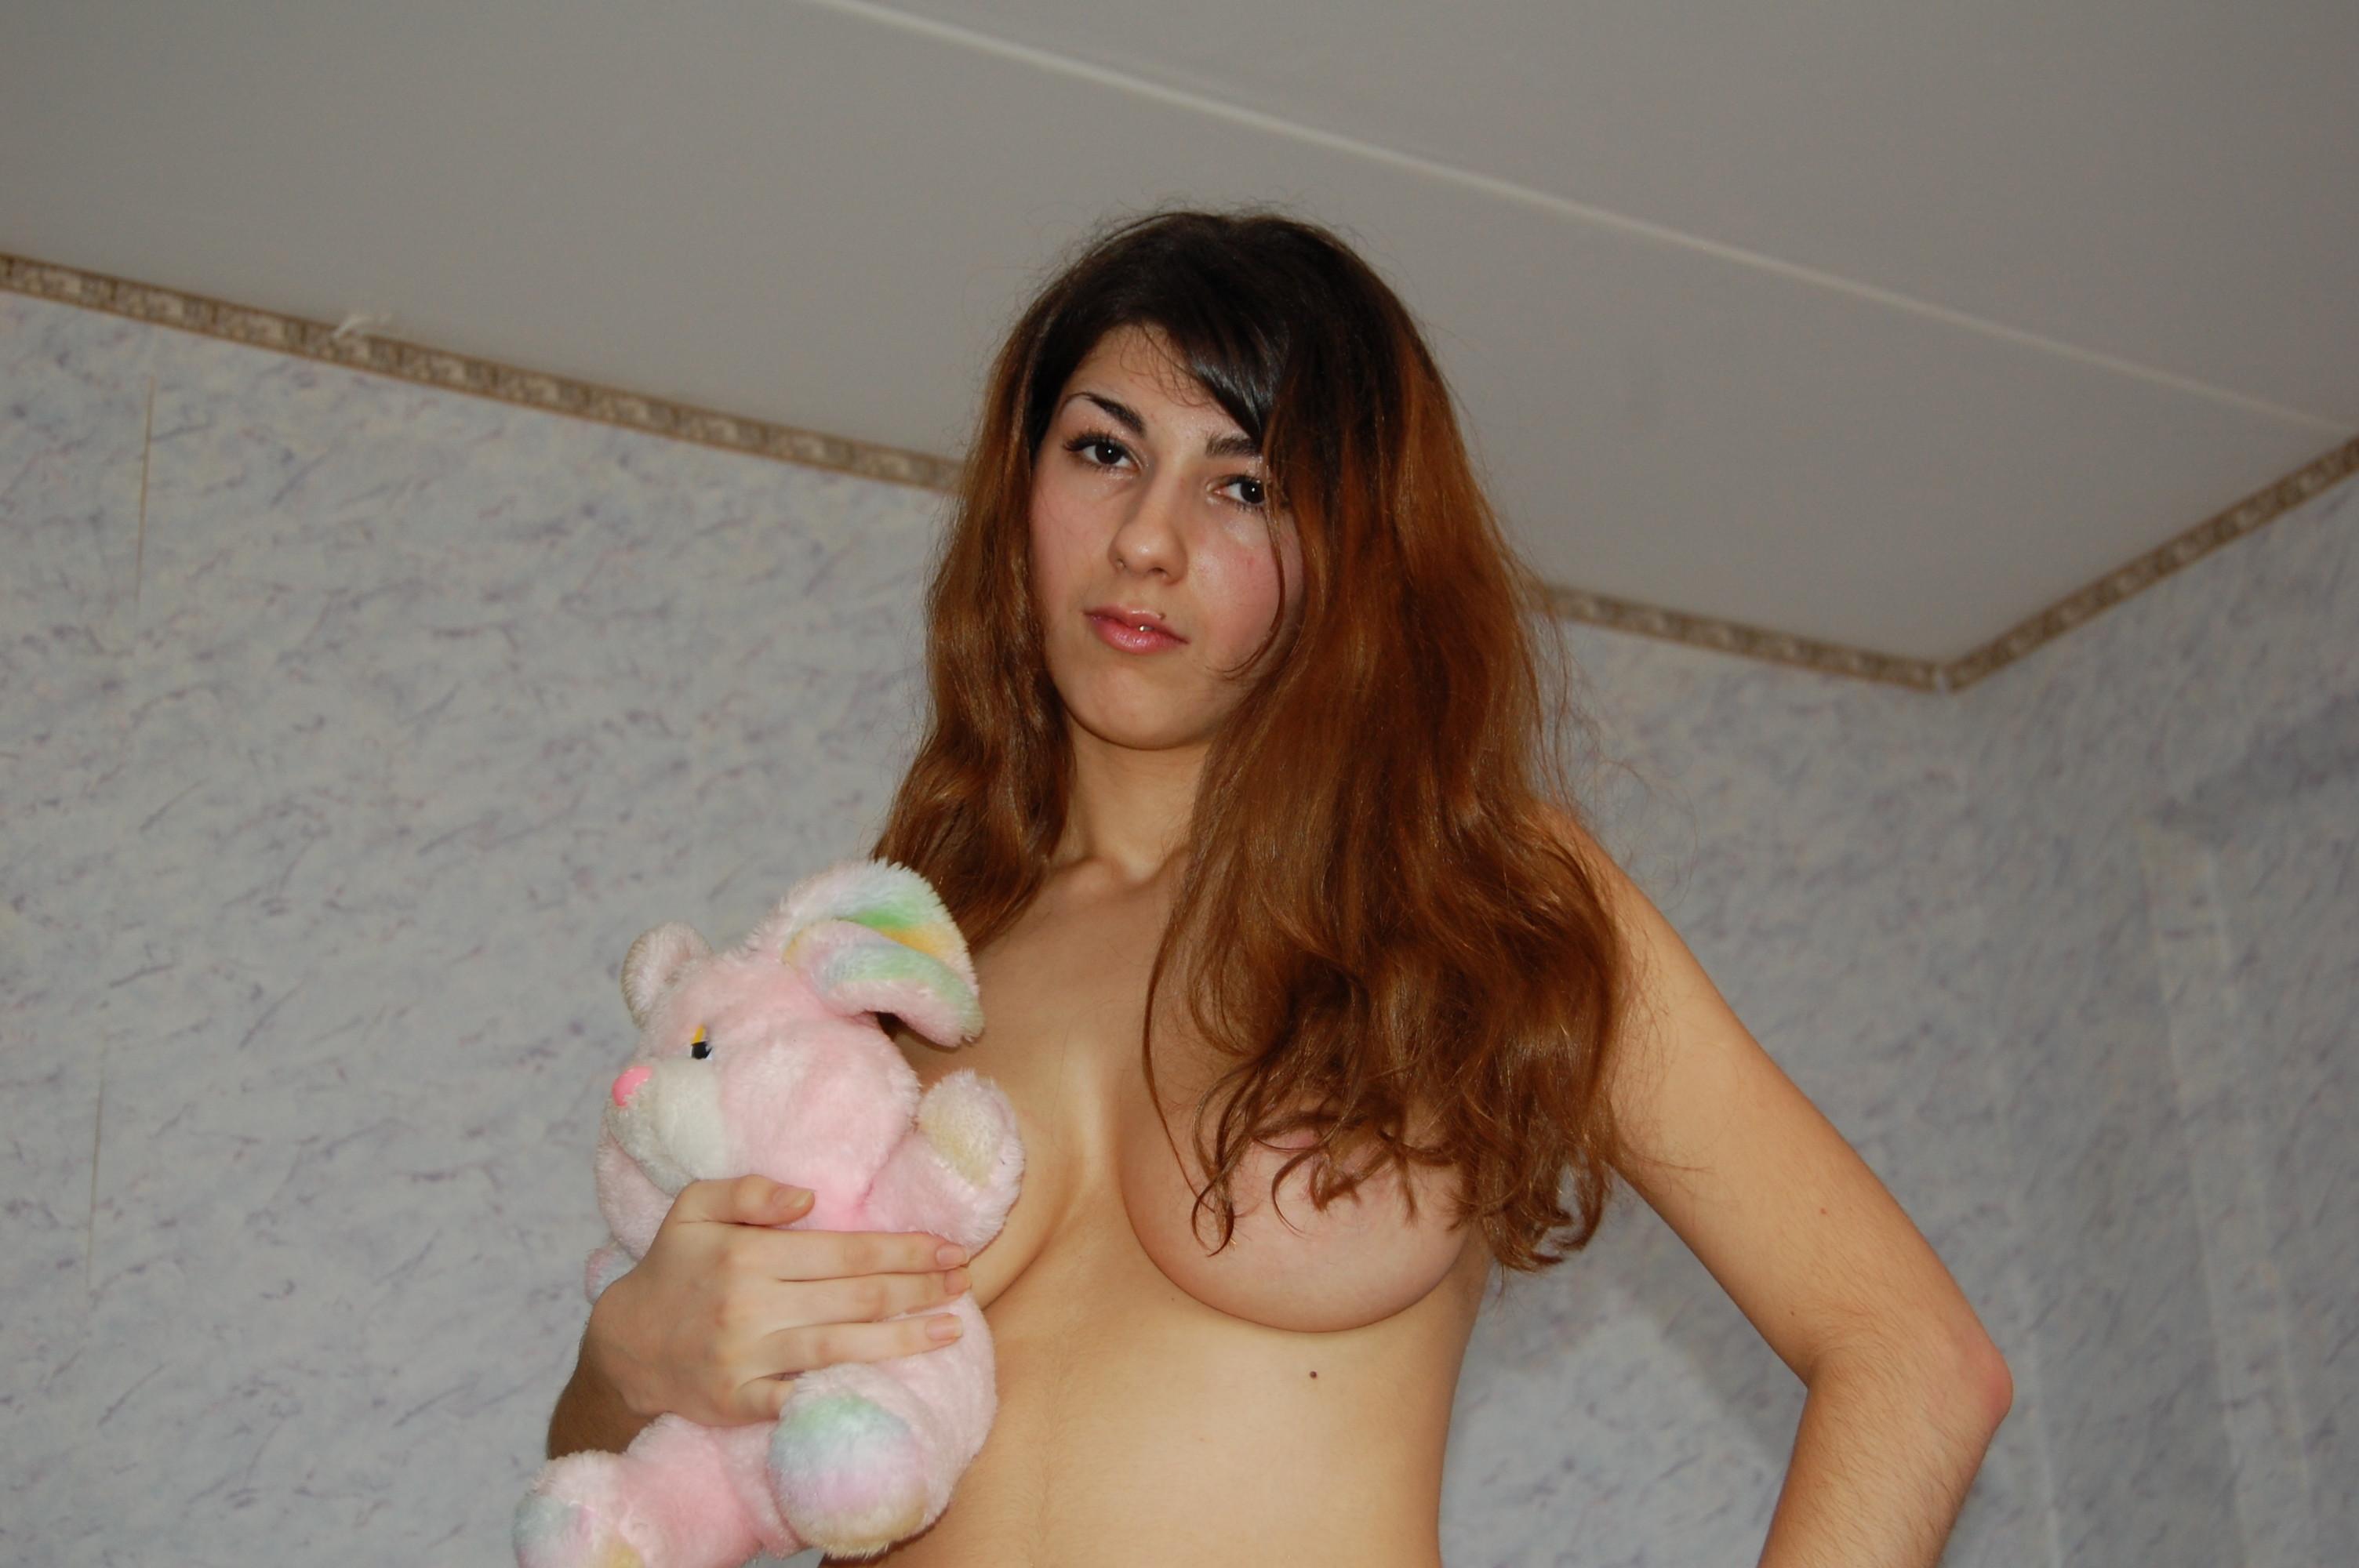 Эро фото кавказа, Кавказские девушки тоже сексуальны порно фото и секс 15 фотография